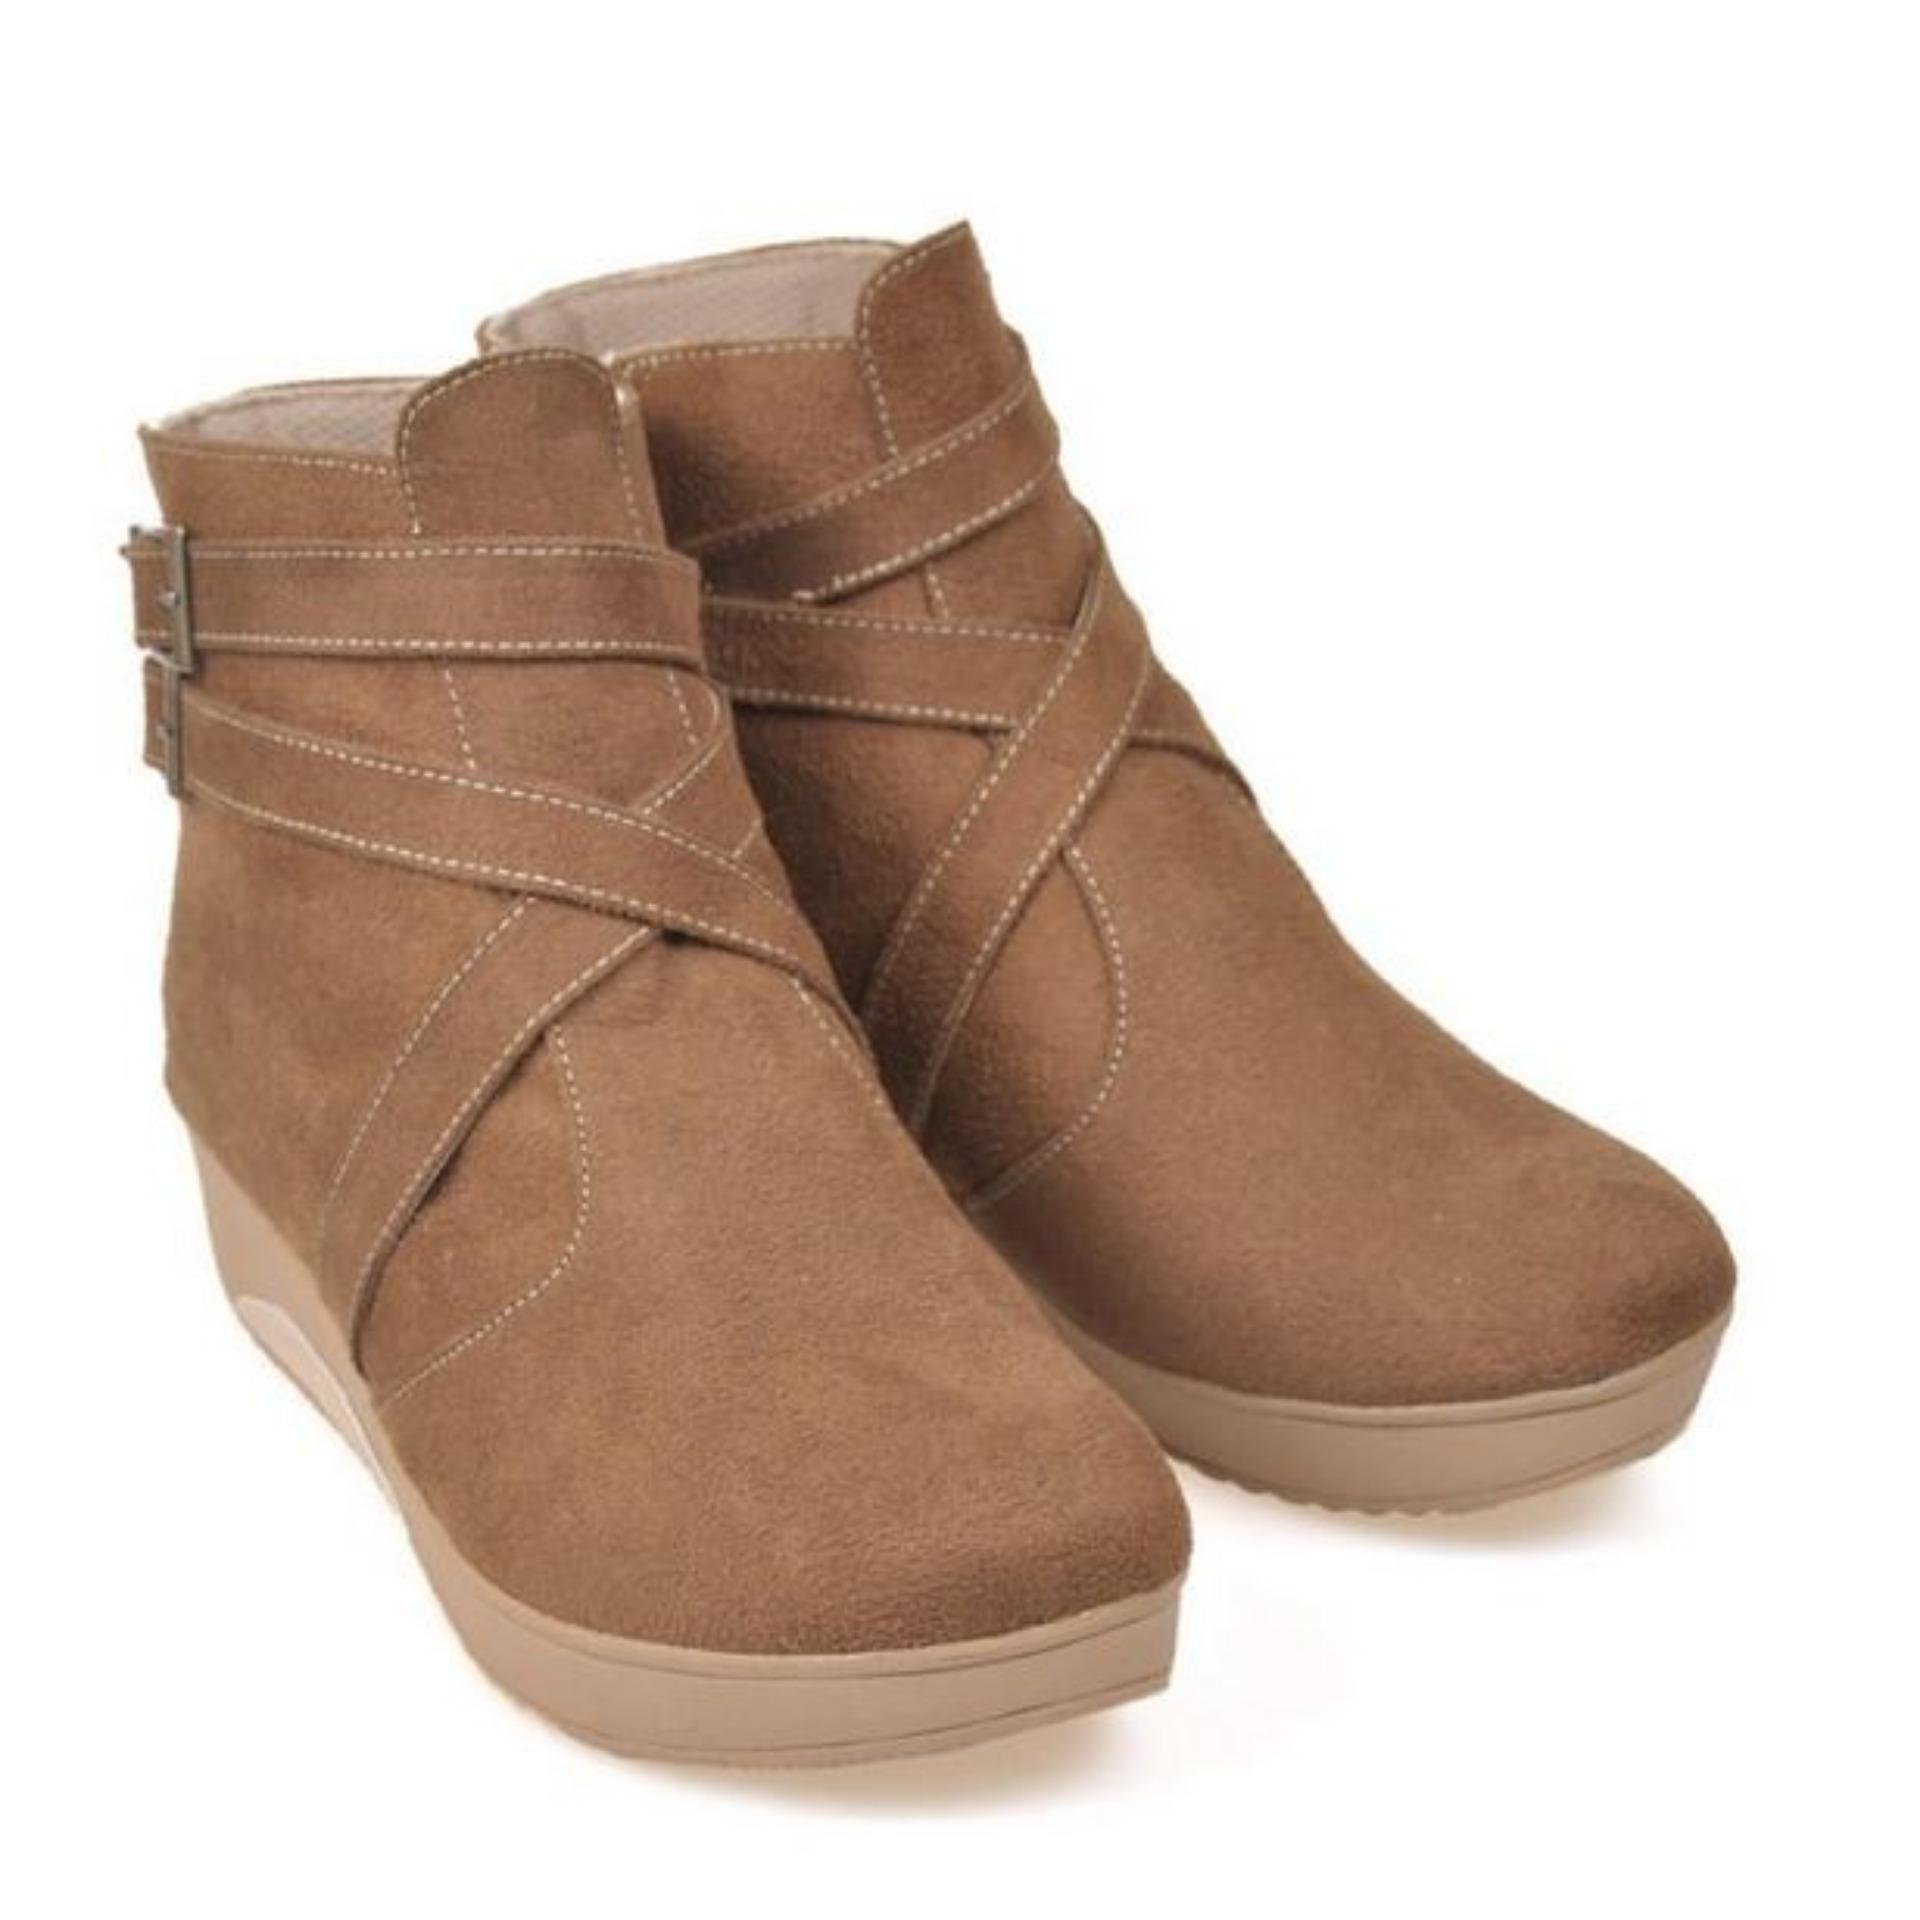 Toko Sepatu Boot Casual Flat Wanita Jodhpur Zipper Boots Bji674 Dekat Sini